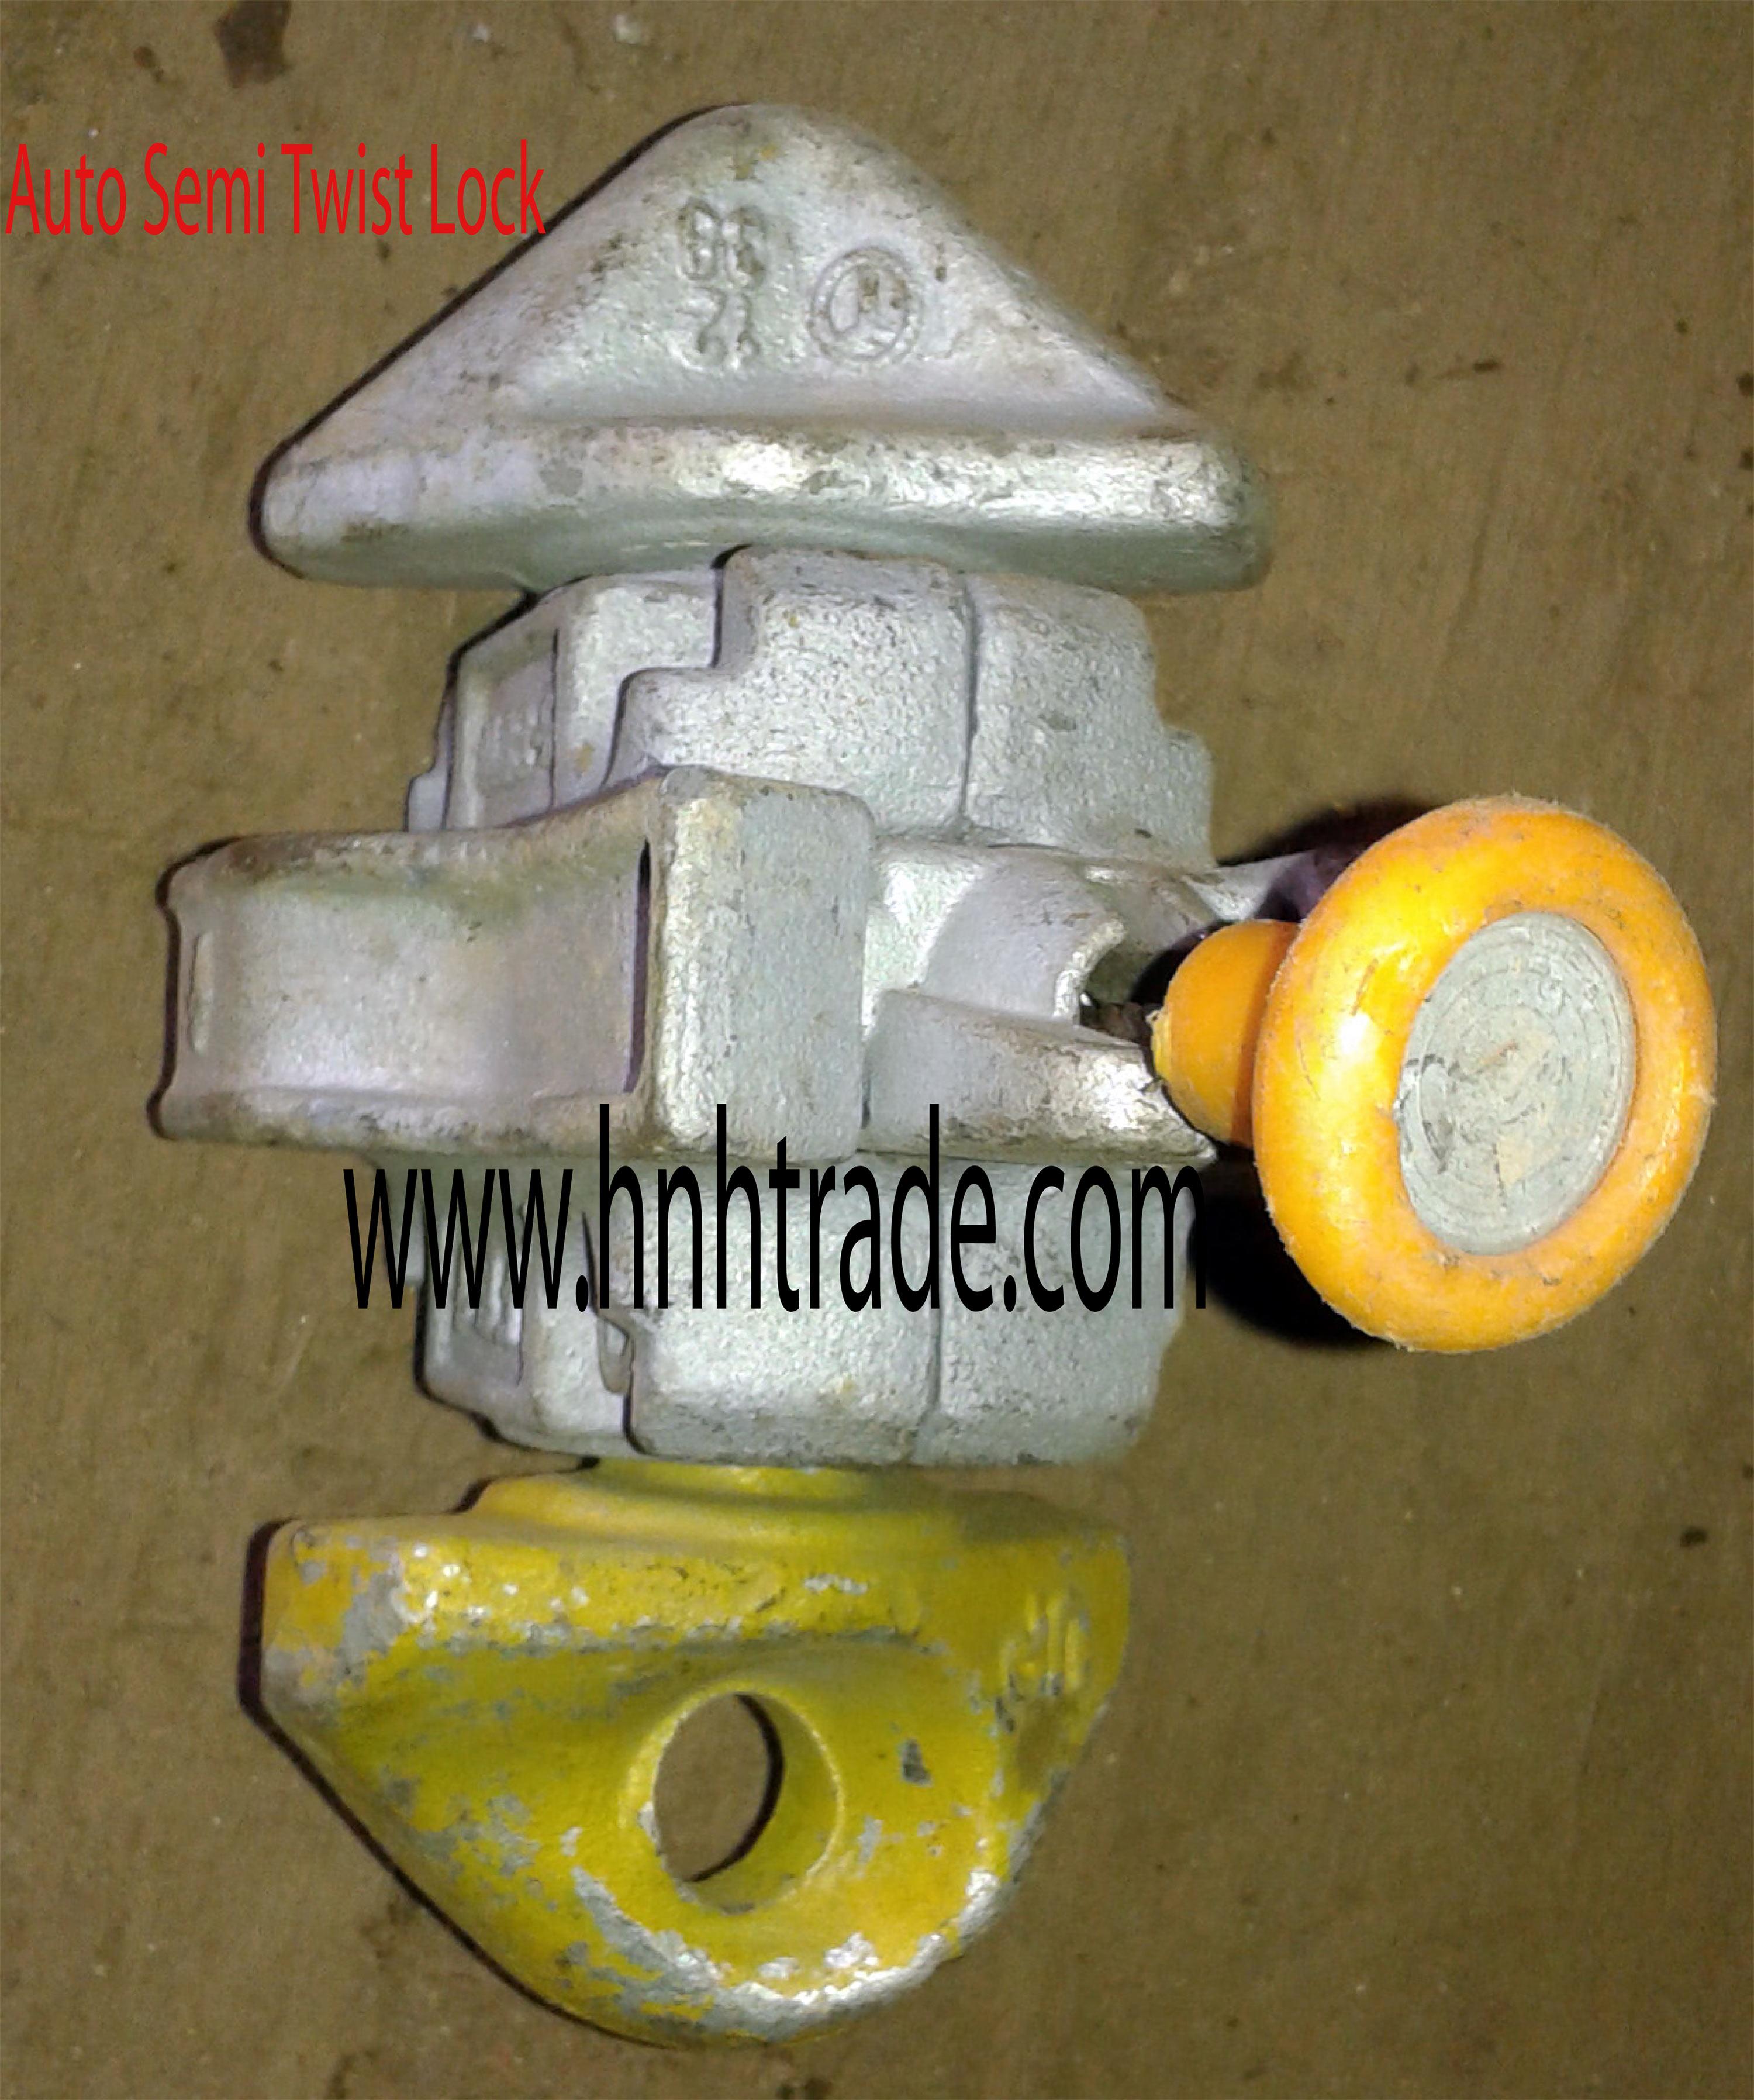 Auto-semi-twist-lock1